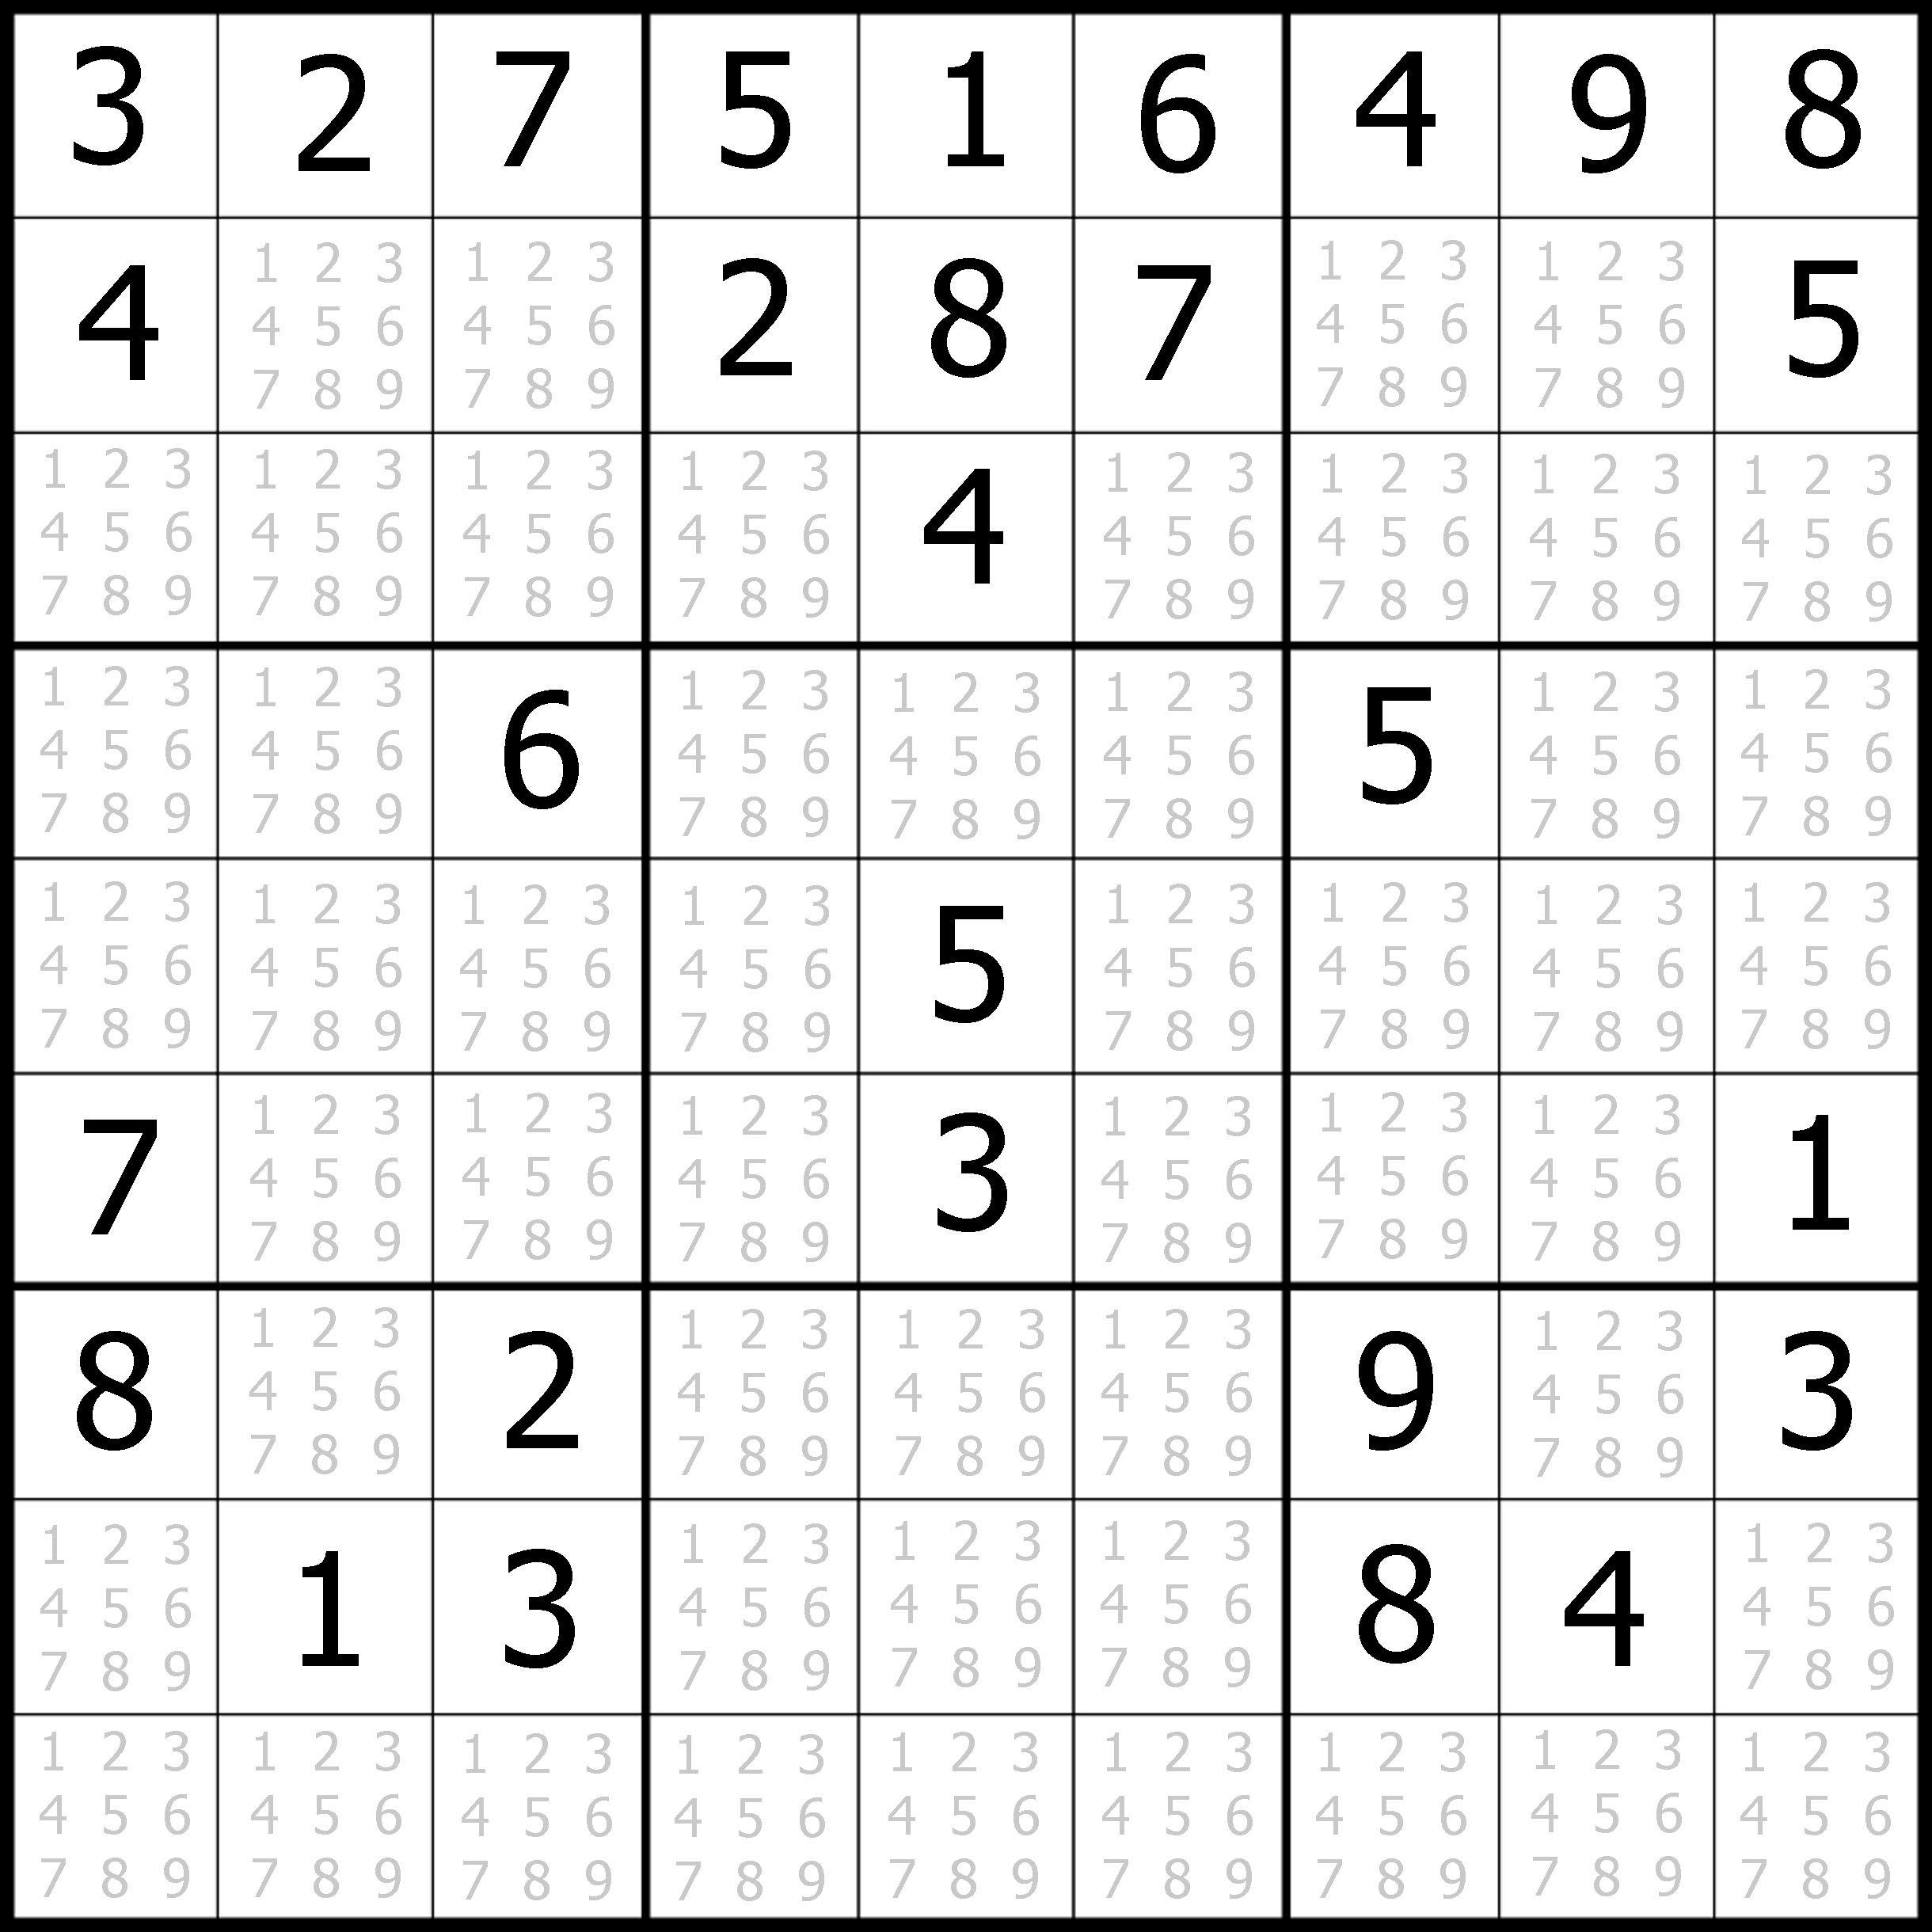 Sudoku Printable   Free, Medium, Printable Sudoku Puzzle #1   My - Printable Sudoku Puzzles Krazydad